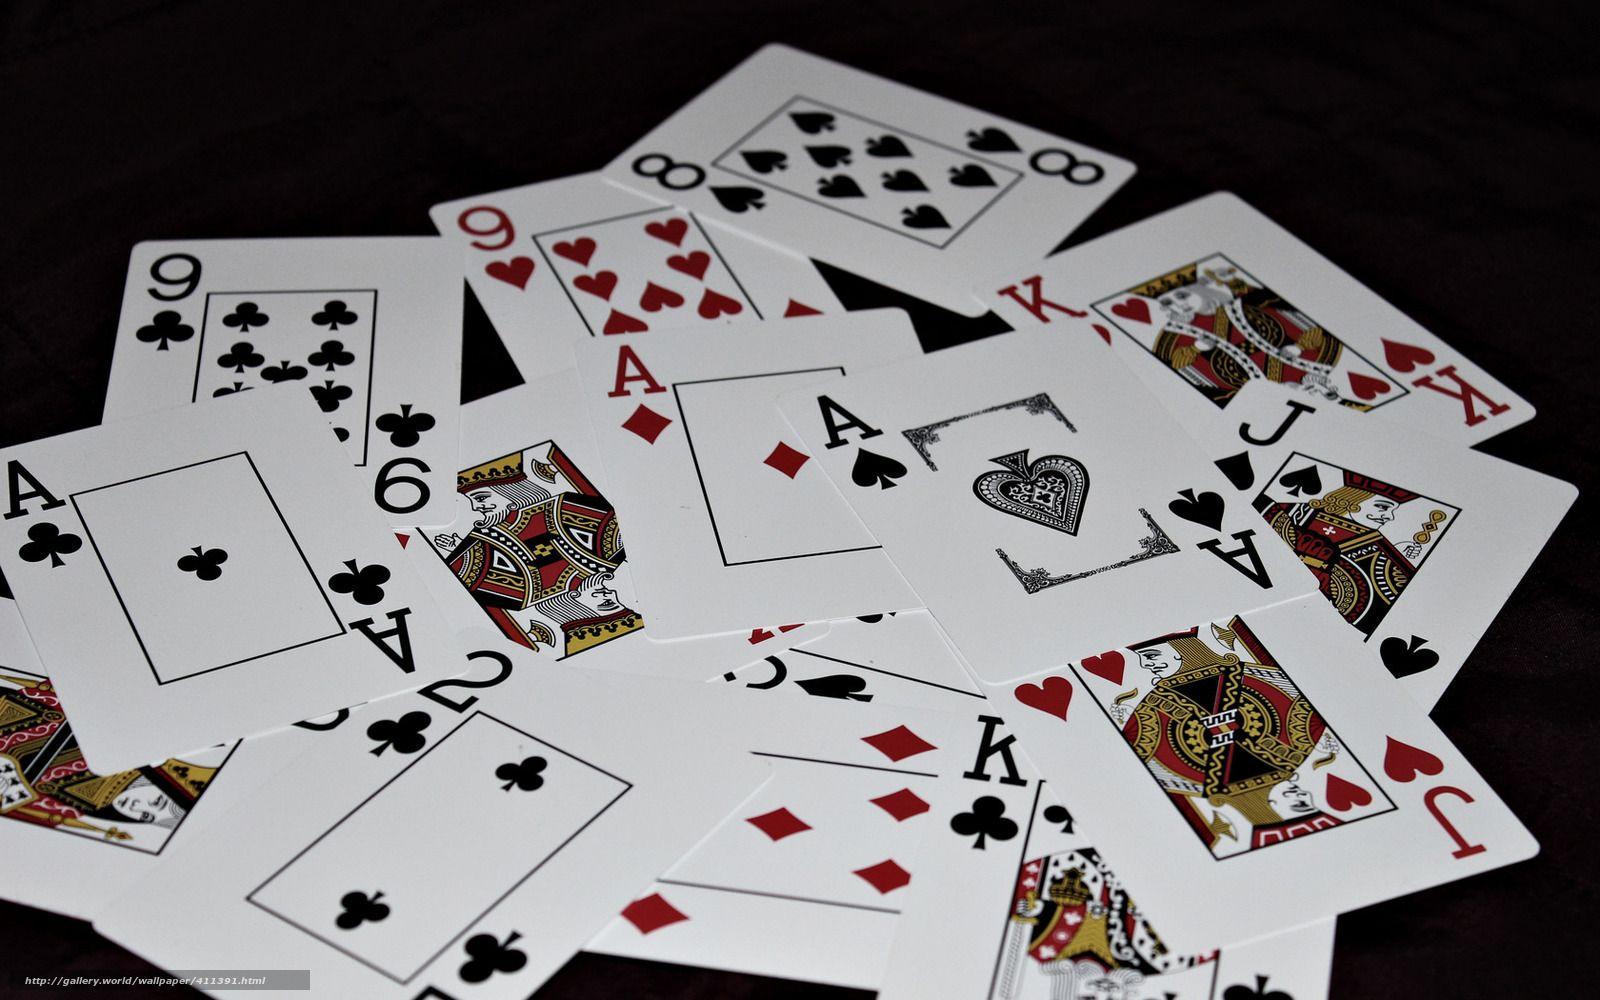 Игры покер карты играть играть в карты вдвоем по сети